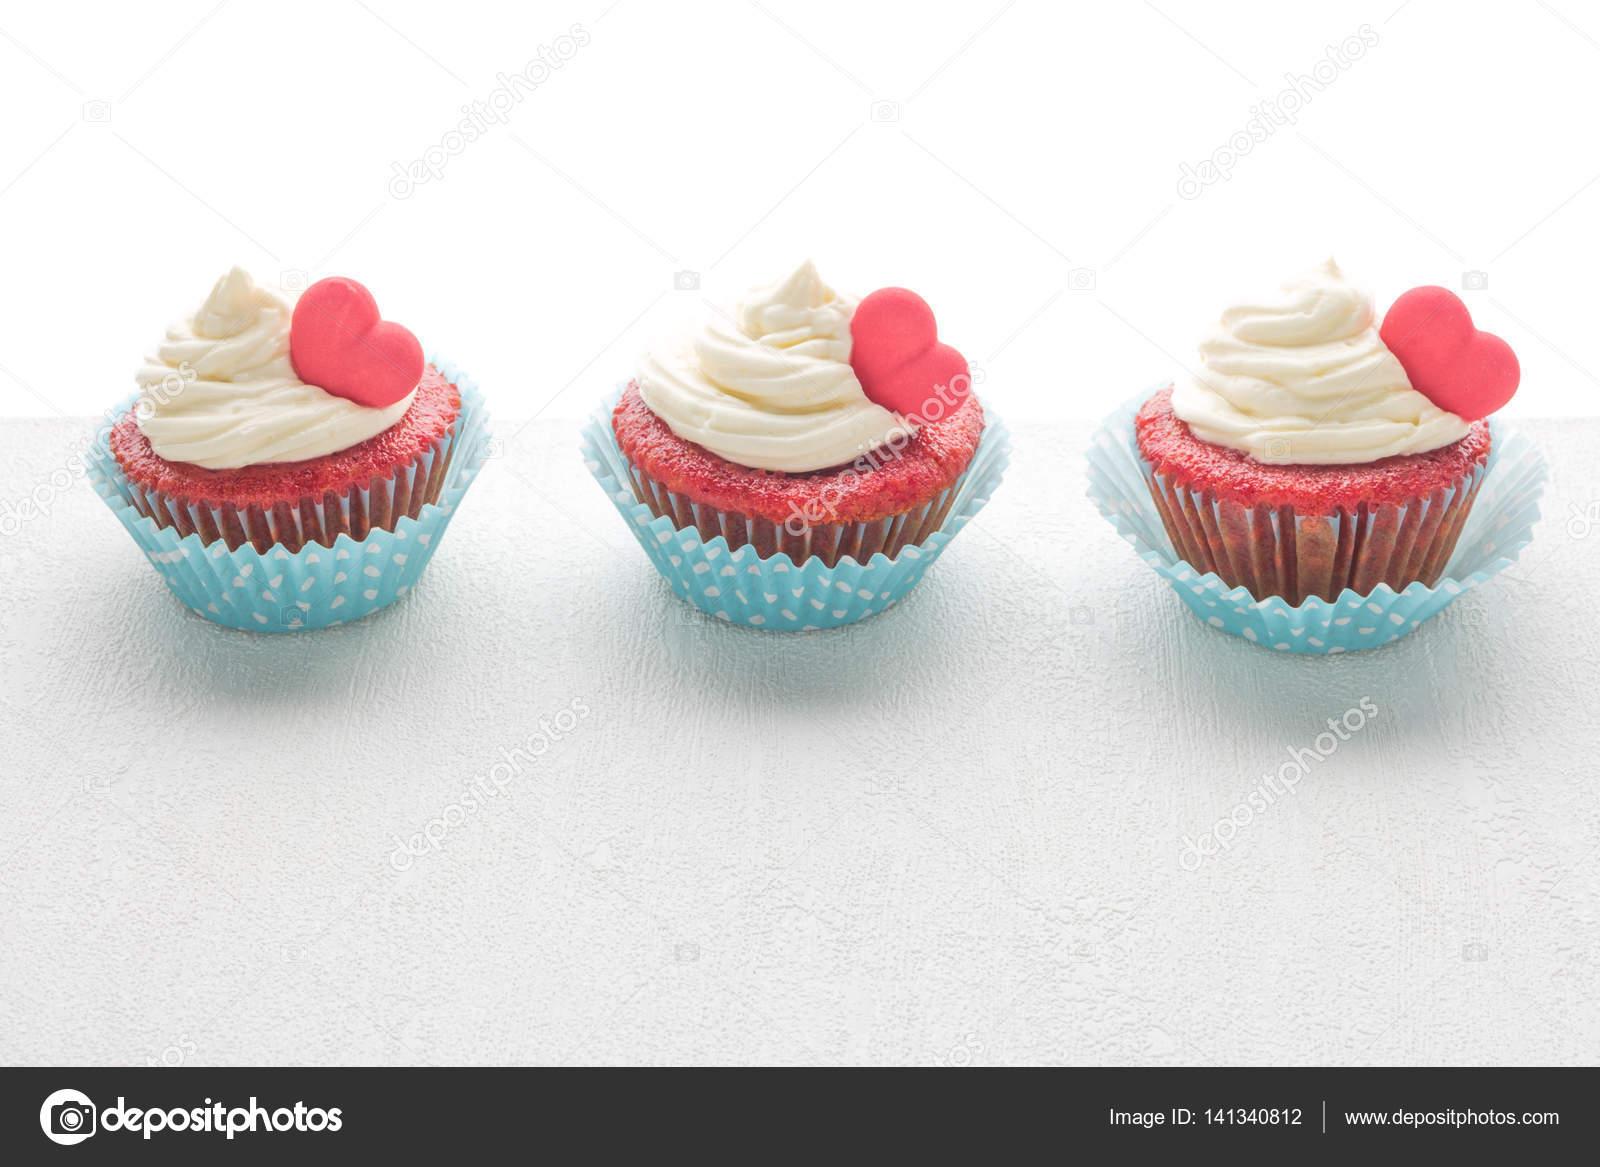 Herz Muffins Zum Valentinstag Stockfoto C Anamomarques 141340812